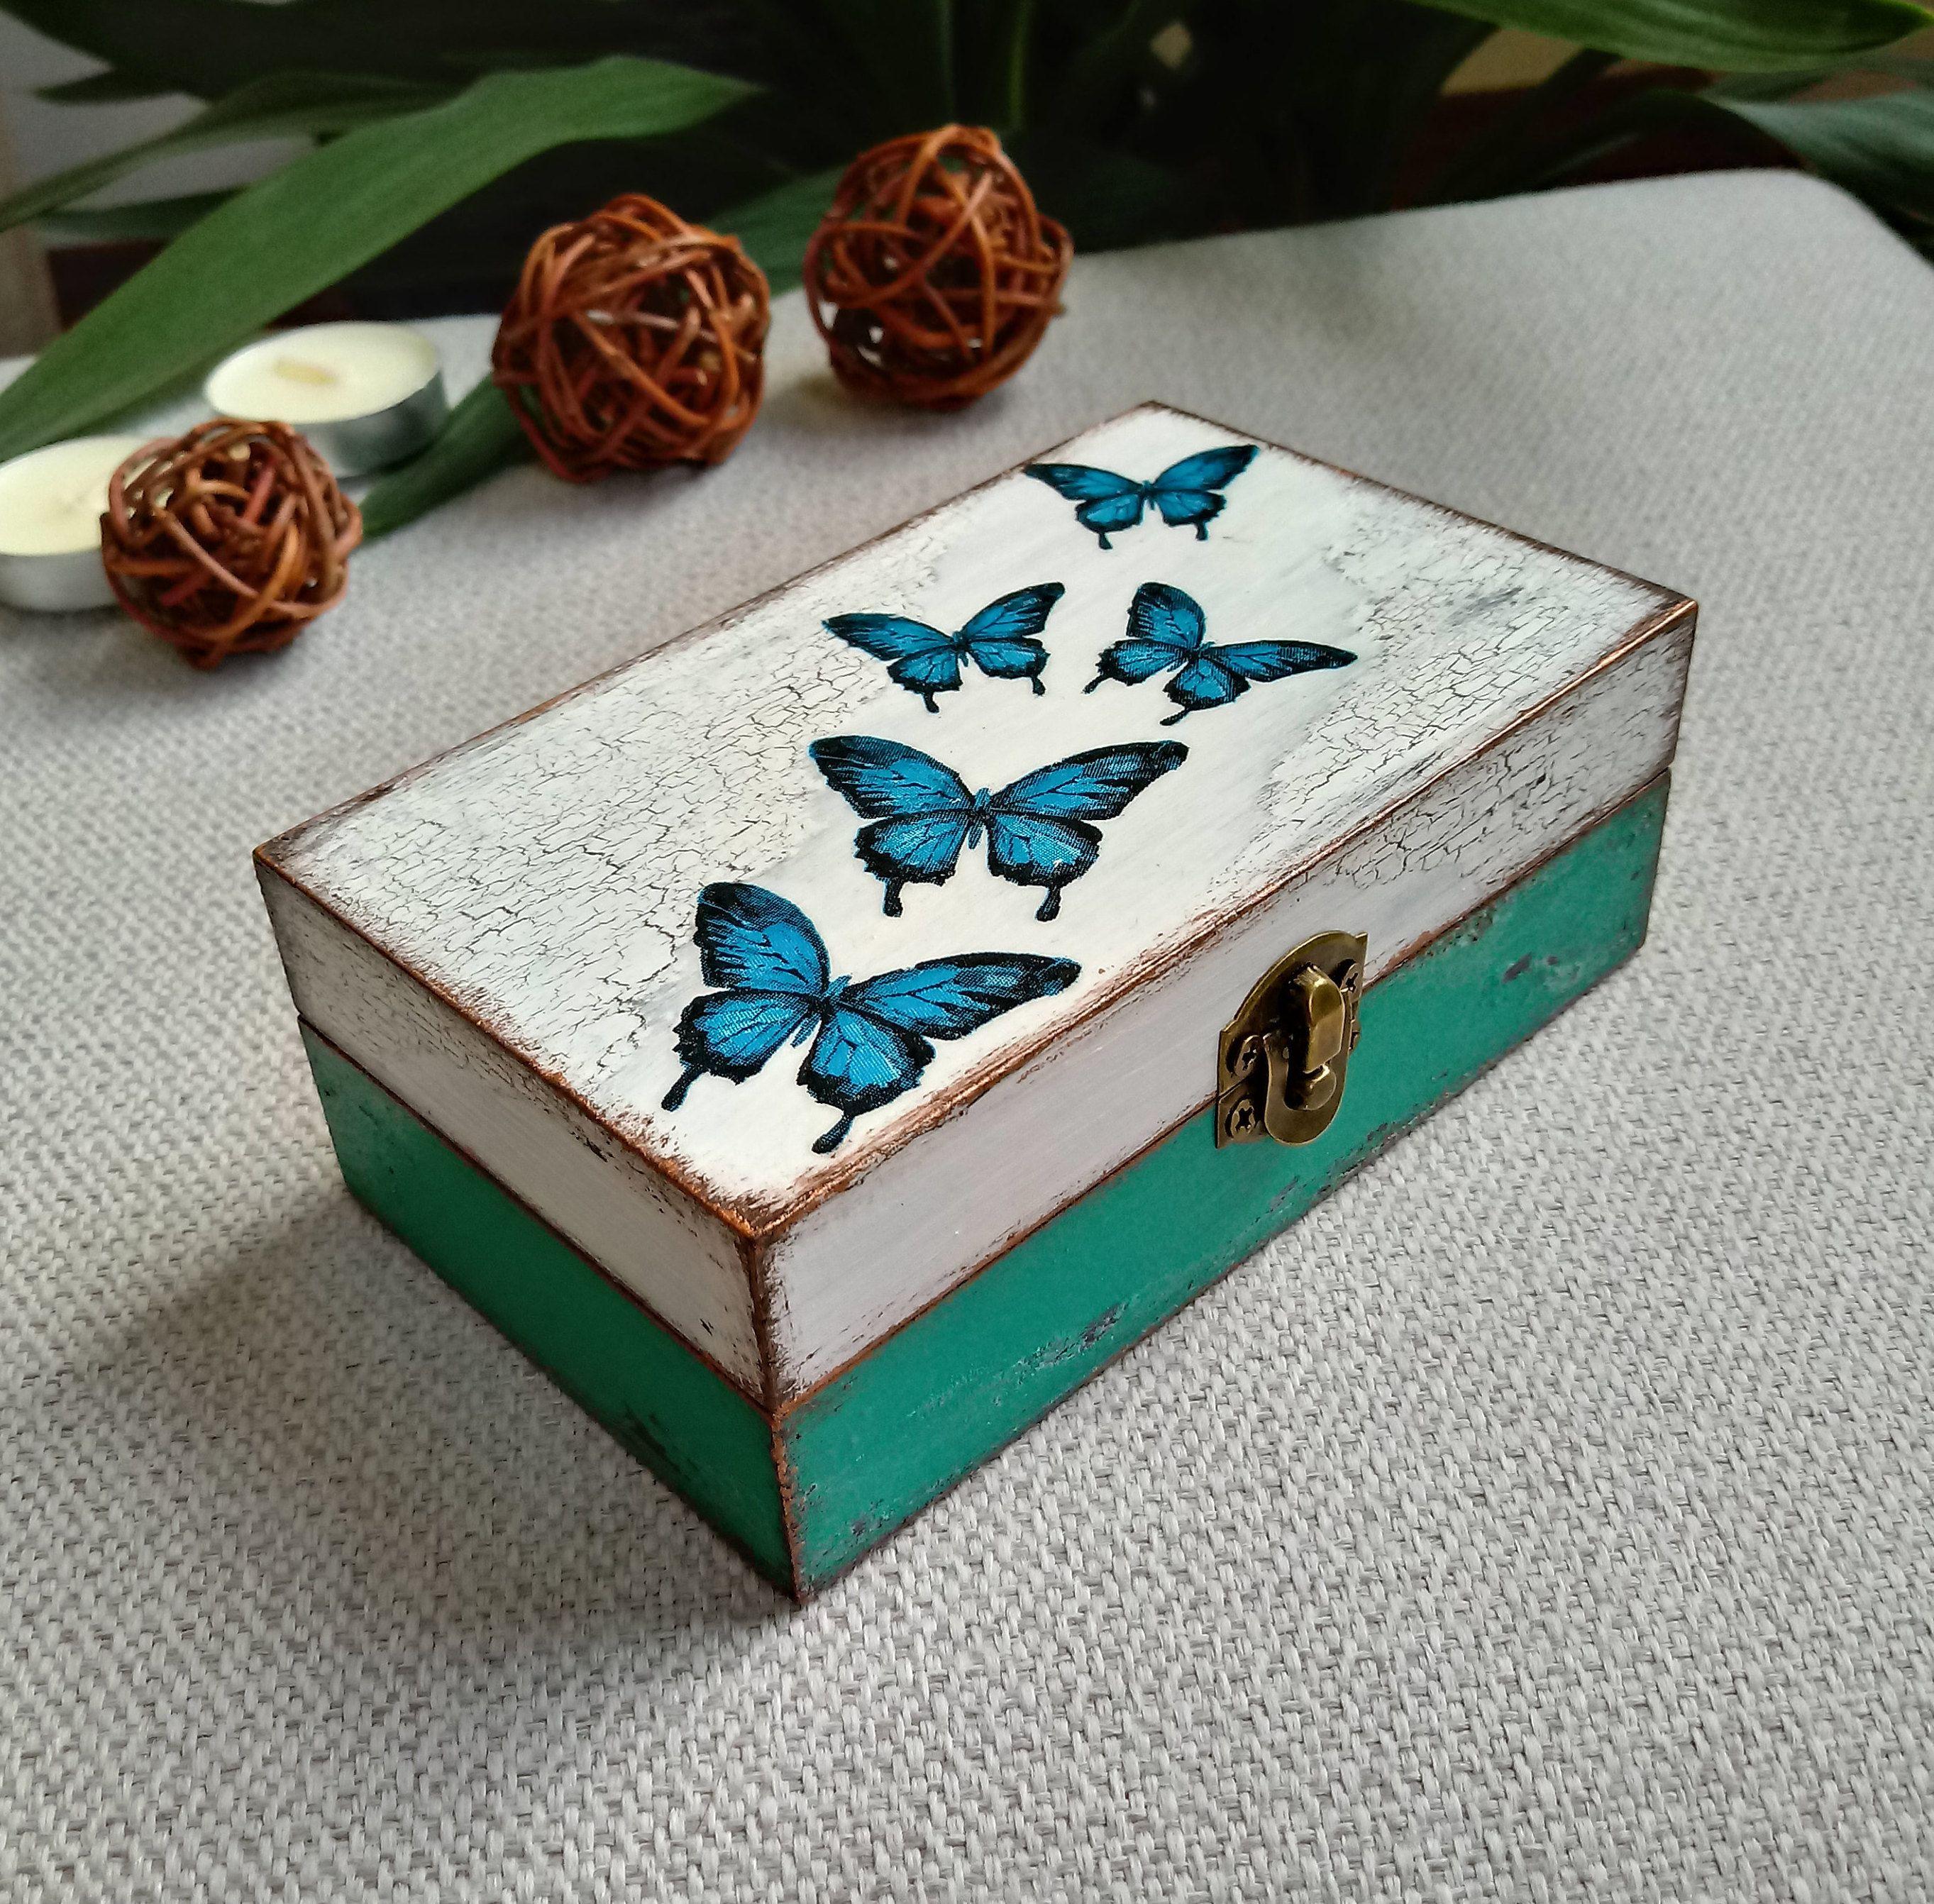 24 x Karton Schatulle Schatzkästchen Papier Schmuckschatulle DIY Handwerk